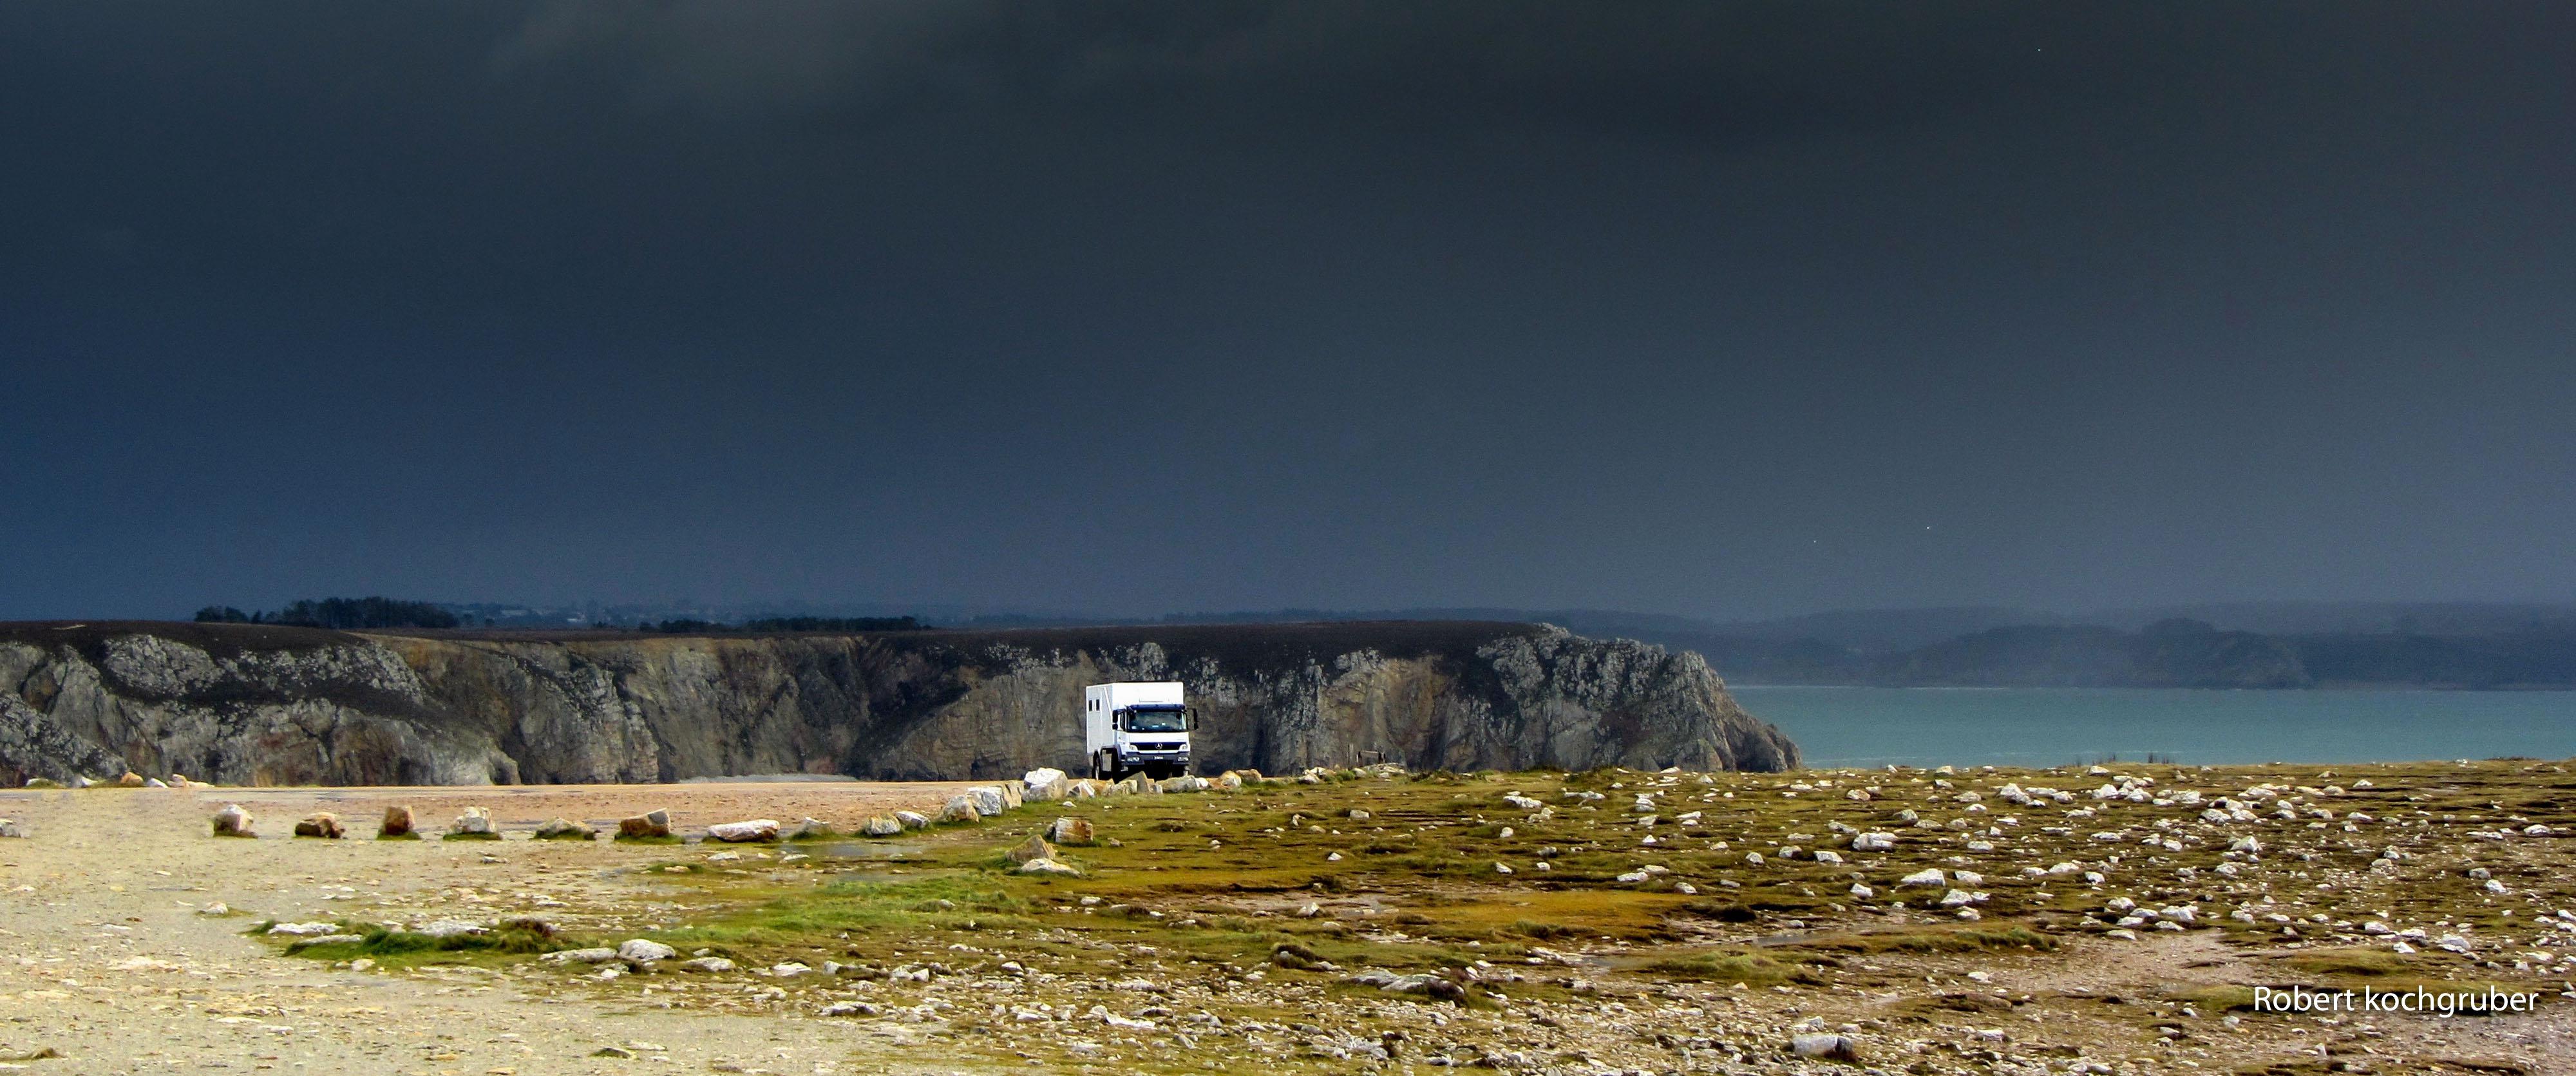 Mit dem Expeditionsmobil-pointe-de-penhir-camaret-sur-mer-bretagne-winterreisen-mit-dem-wohnmobil